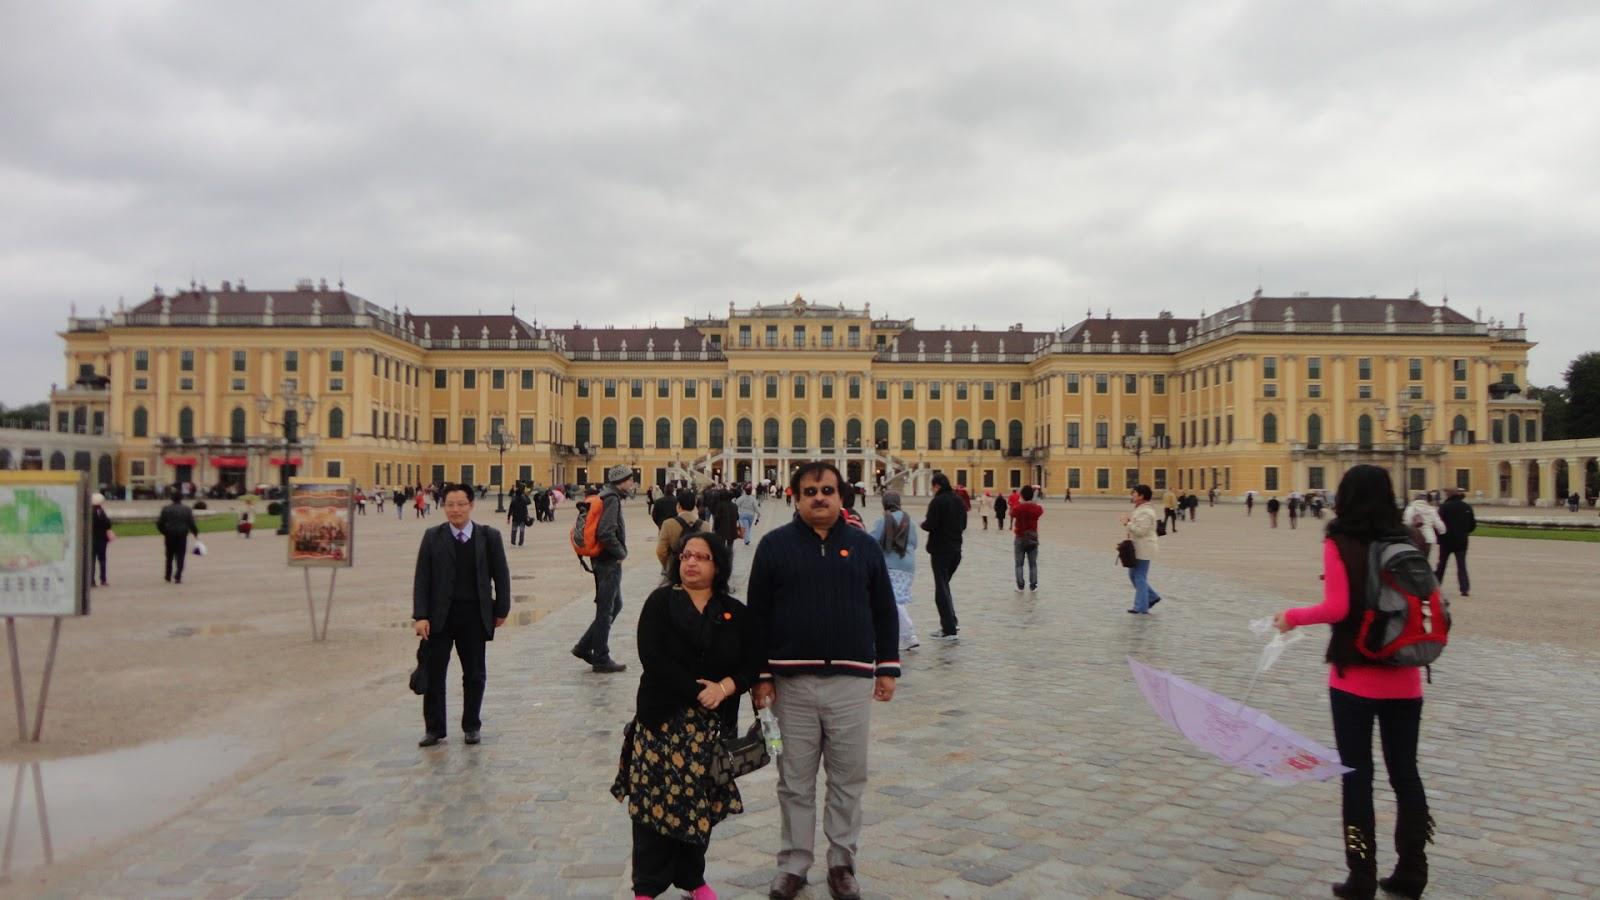 Schnonbrun Palace Vienna,Austria